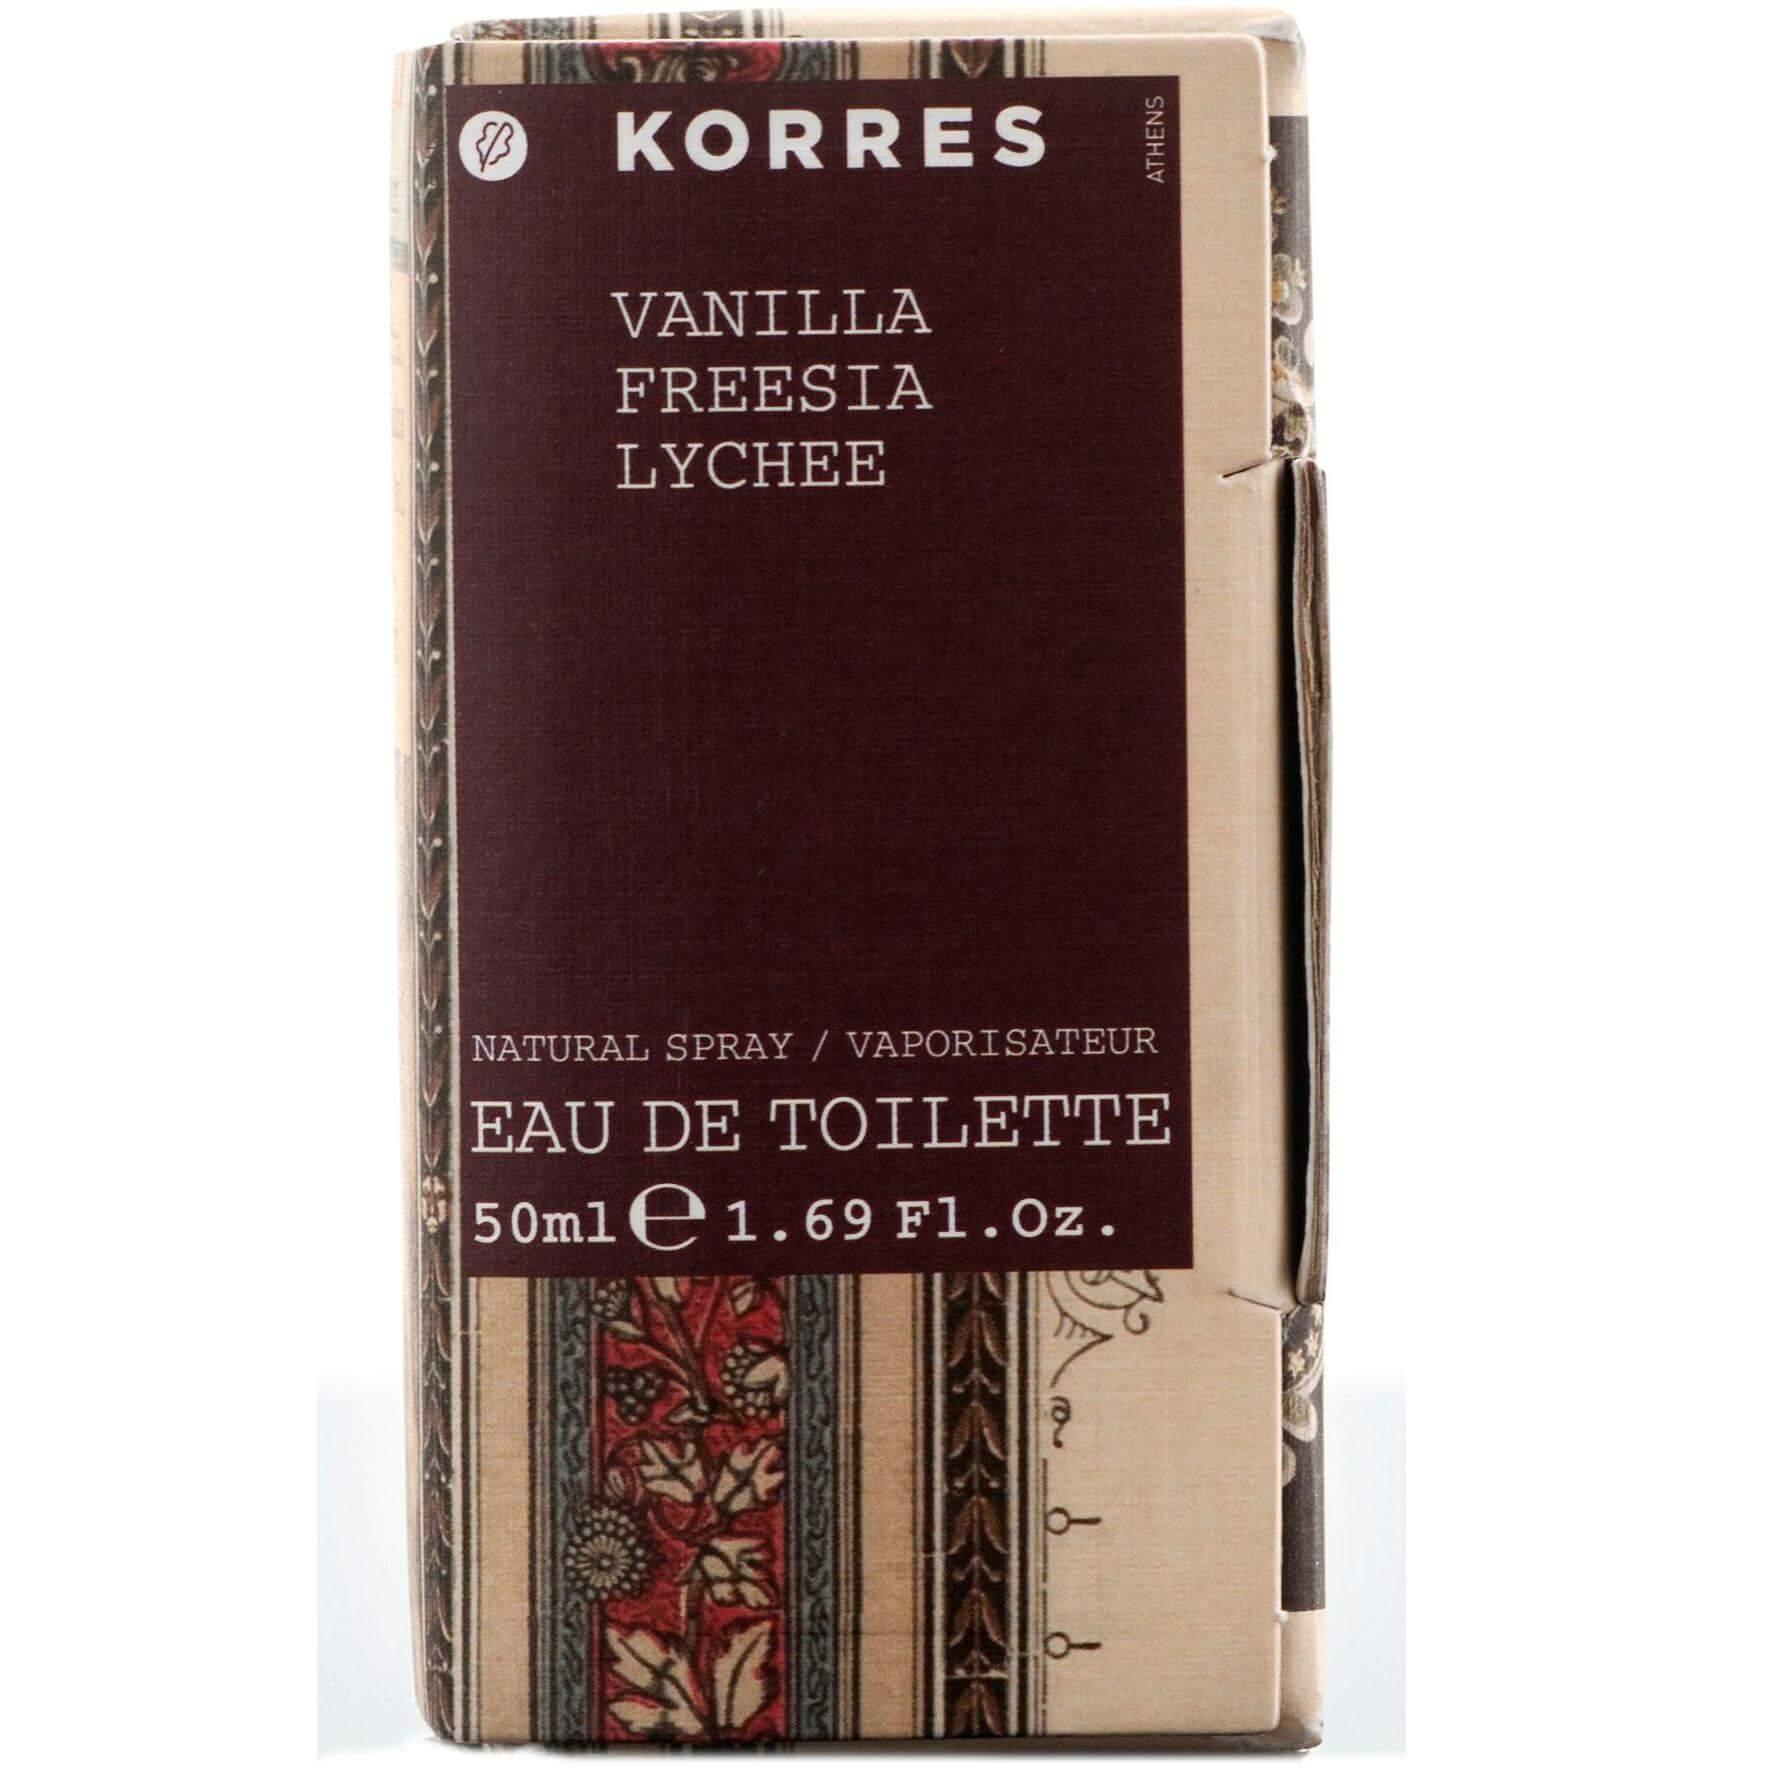 Korres Eau de Toilette Άρωμα Βανίλια Φρέζια Lychee 50ml ομορφιά   αρώματα   αρώματα για τη γυναίκα